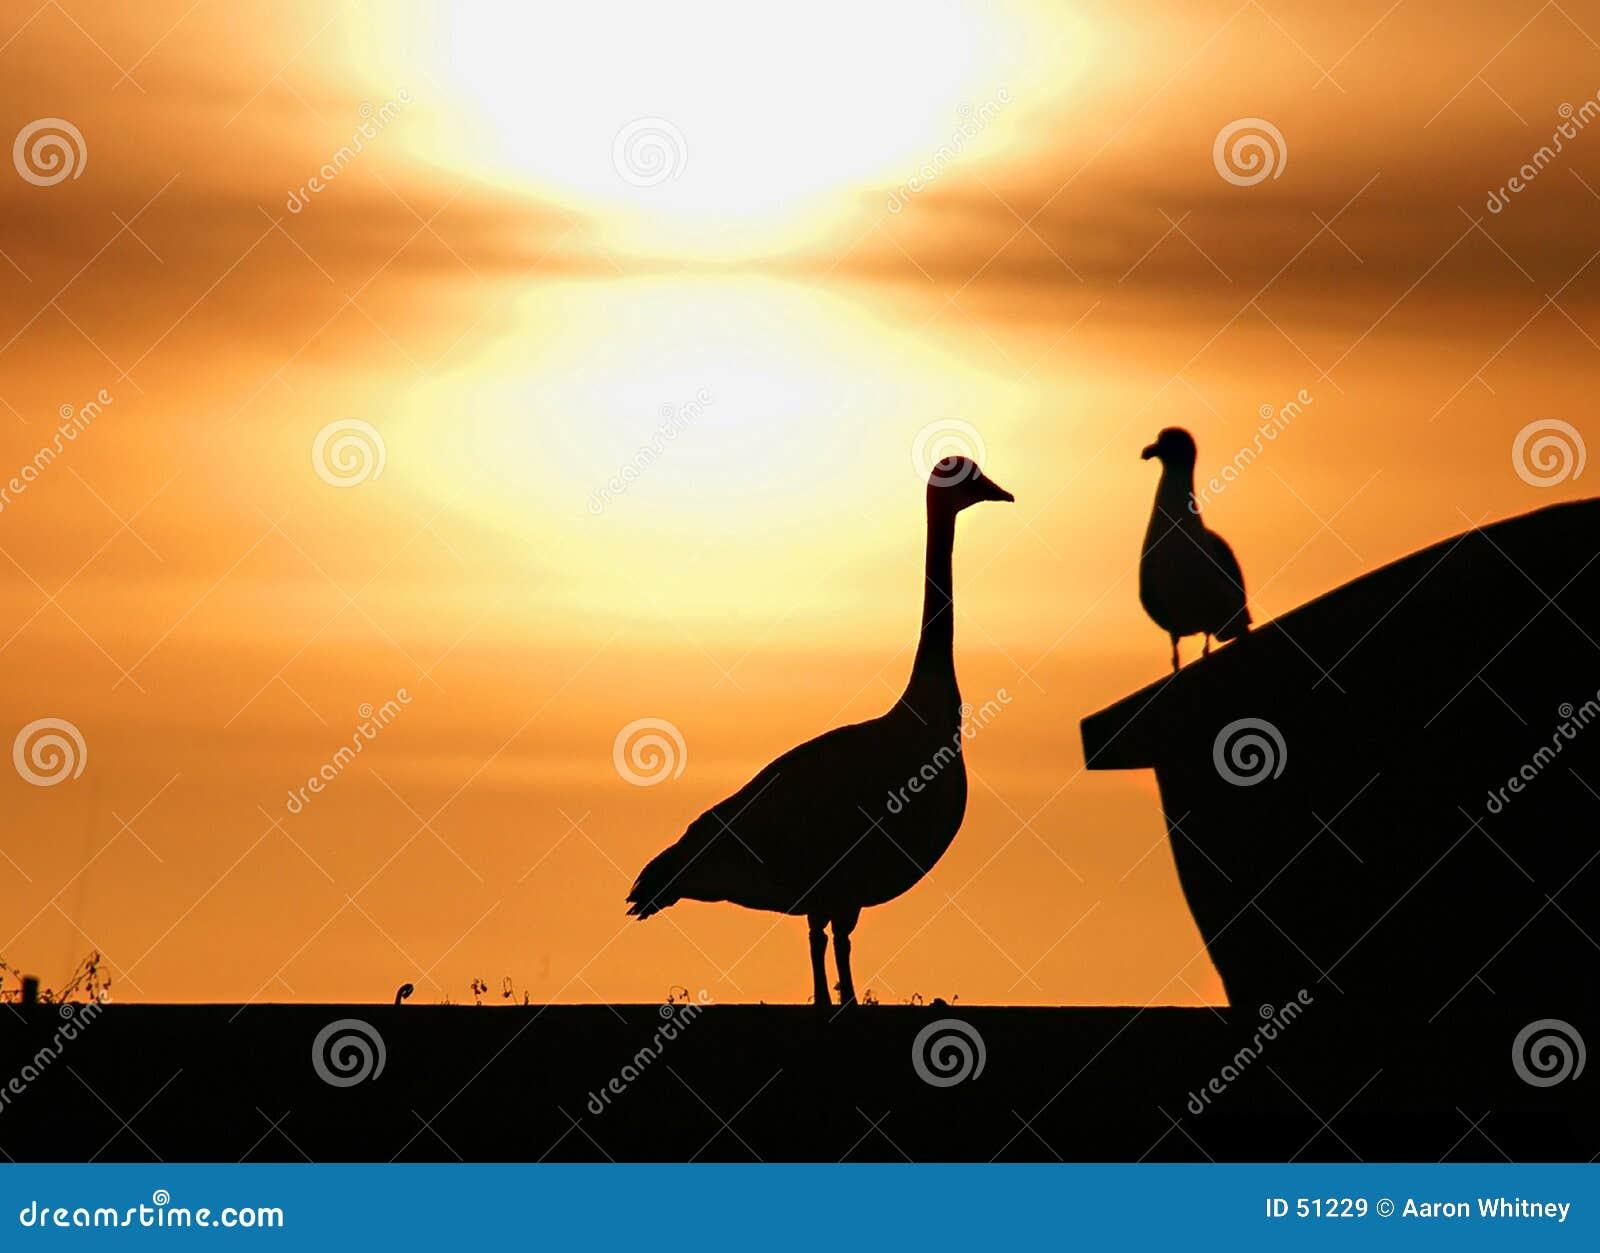 Großer Vogel-kleiner Vogel